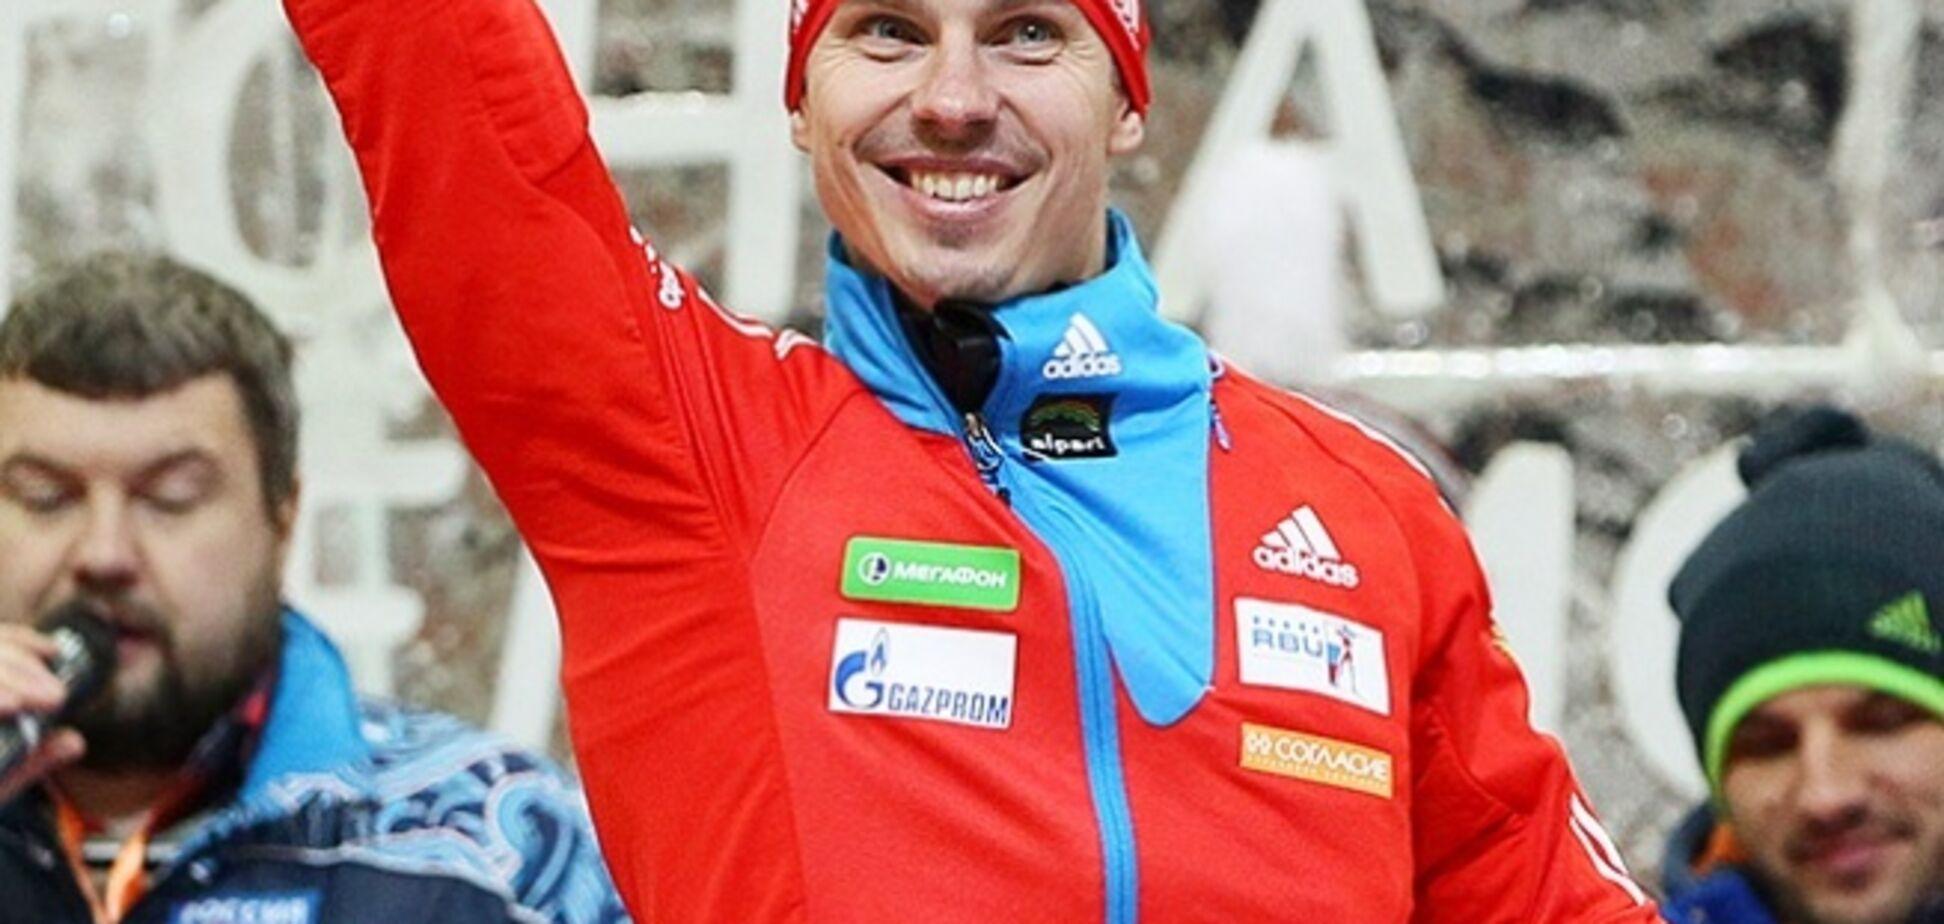 Олимпийские чемпионы из России угодили в допинговый скандал